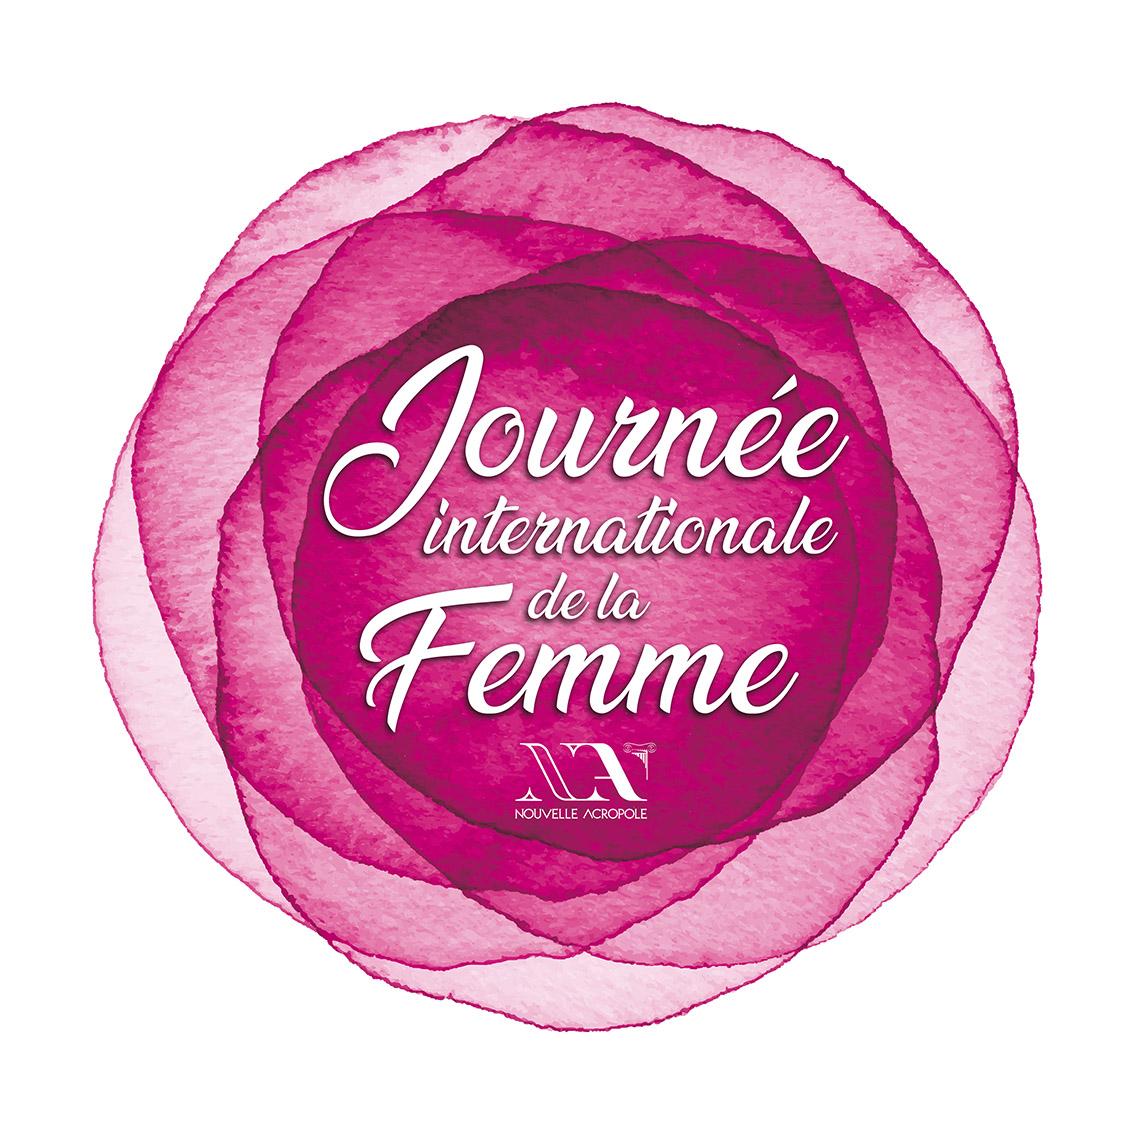 JOURNEE DE LA FEMME : Nourrir notre féminité